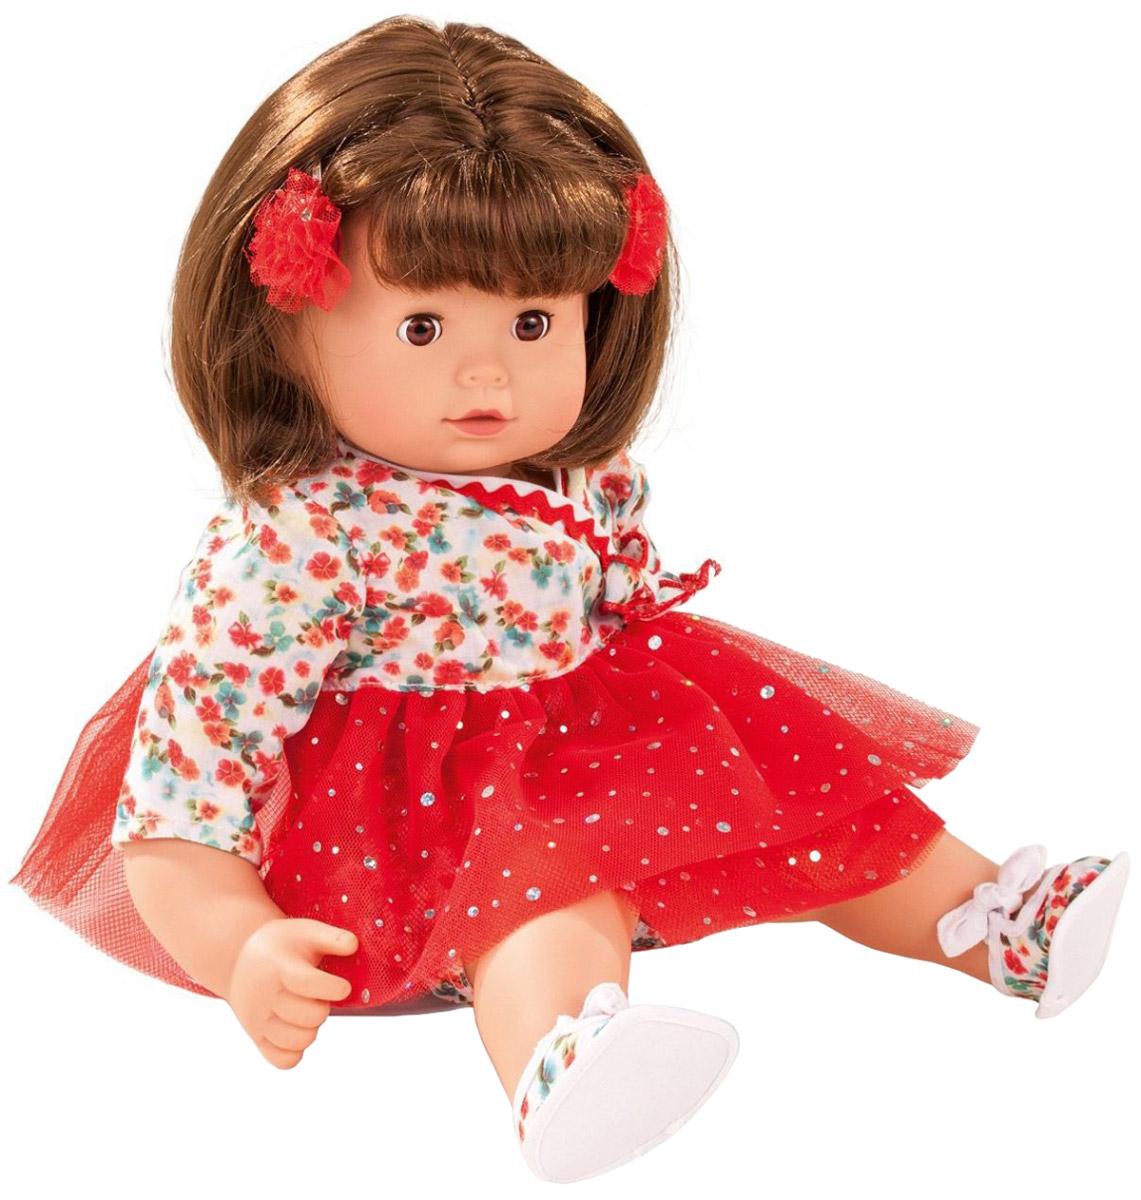 Gotz Кукла Макси Маффин брюнетка куклы и одежда для кукол gotz мини маффин 22 см